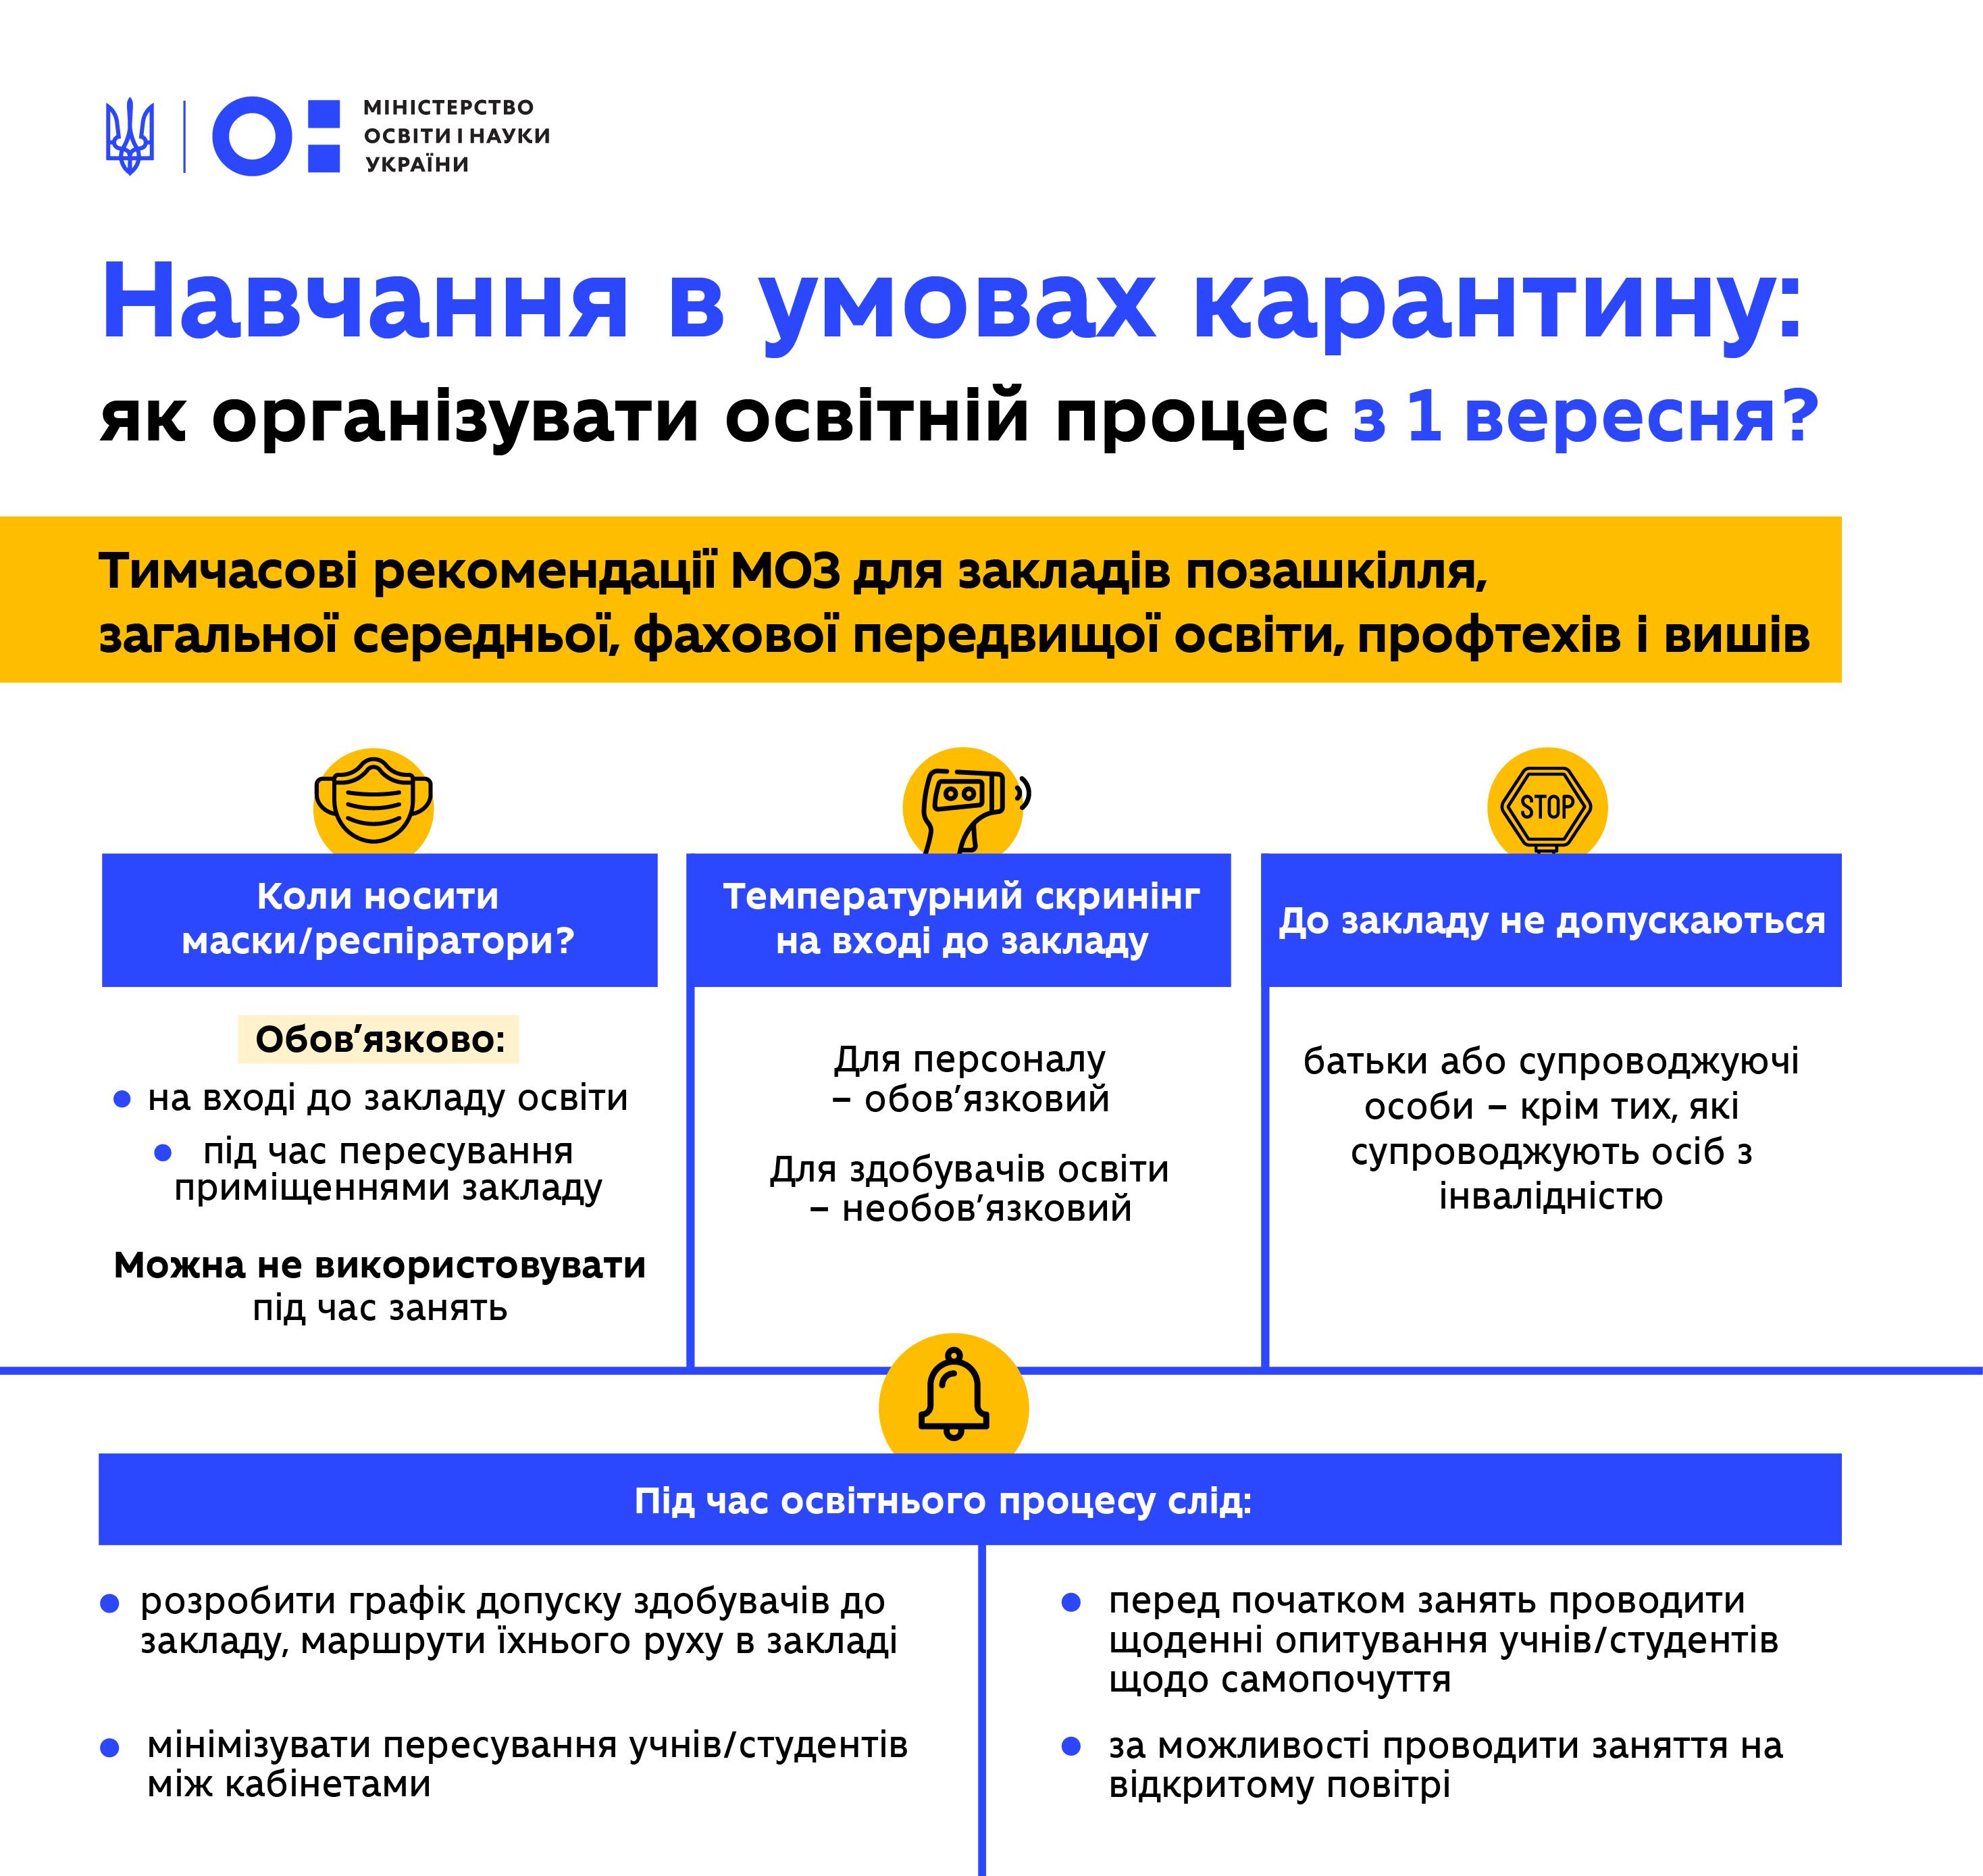 разработаны правила для работы школ и вузов с 1 сентября